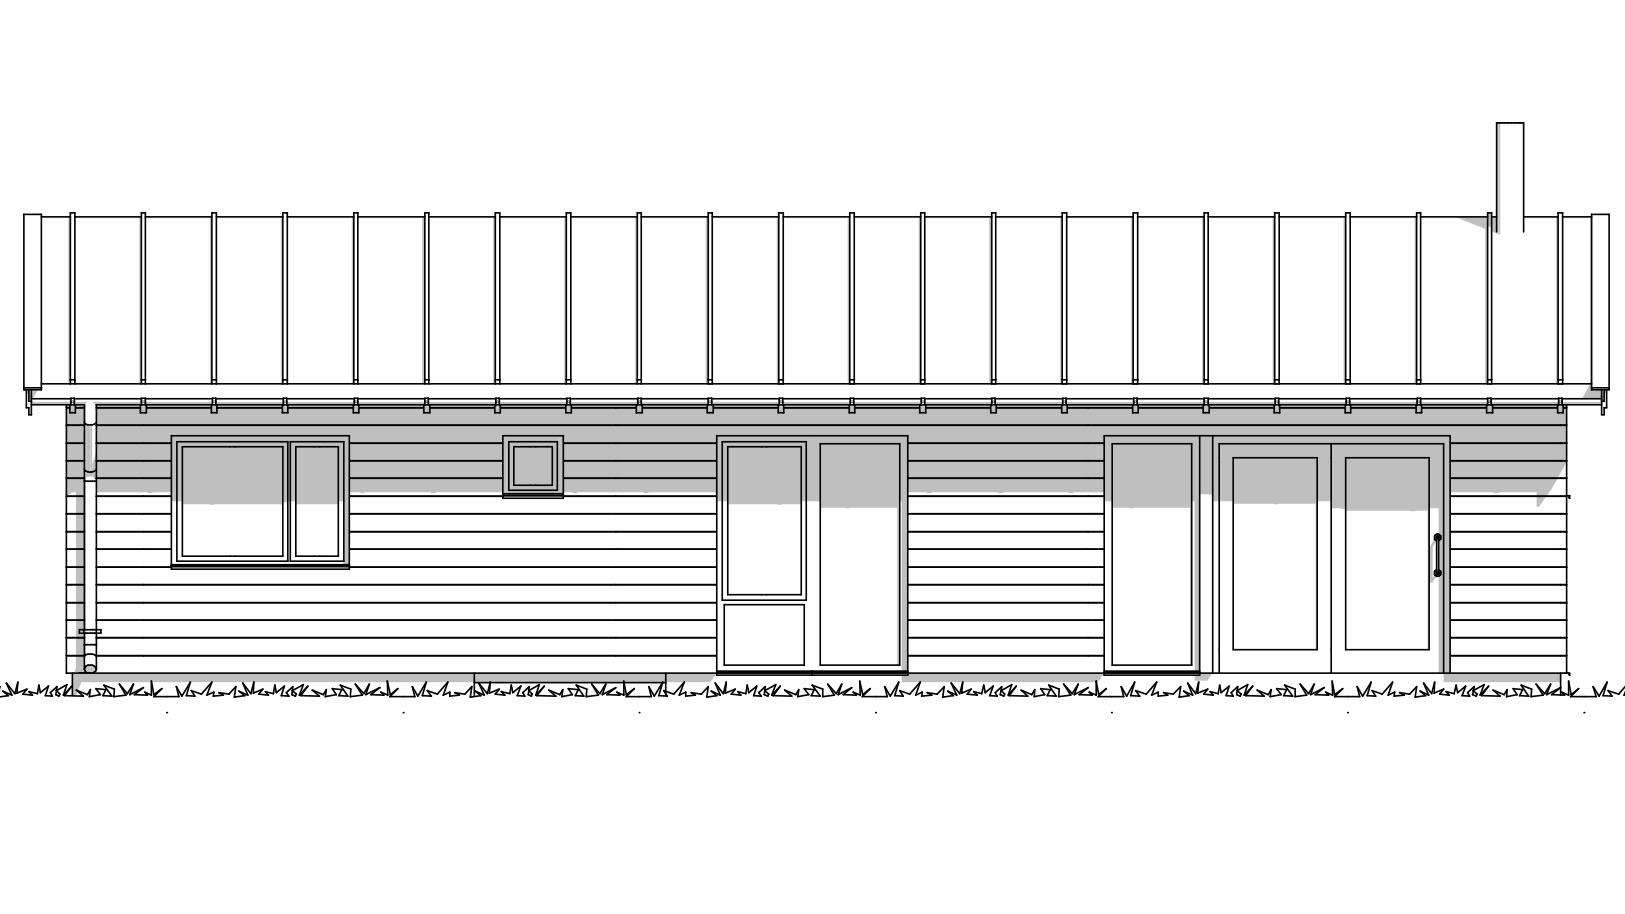 16-Krypinn+fasade+1+katalog.jpg